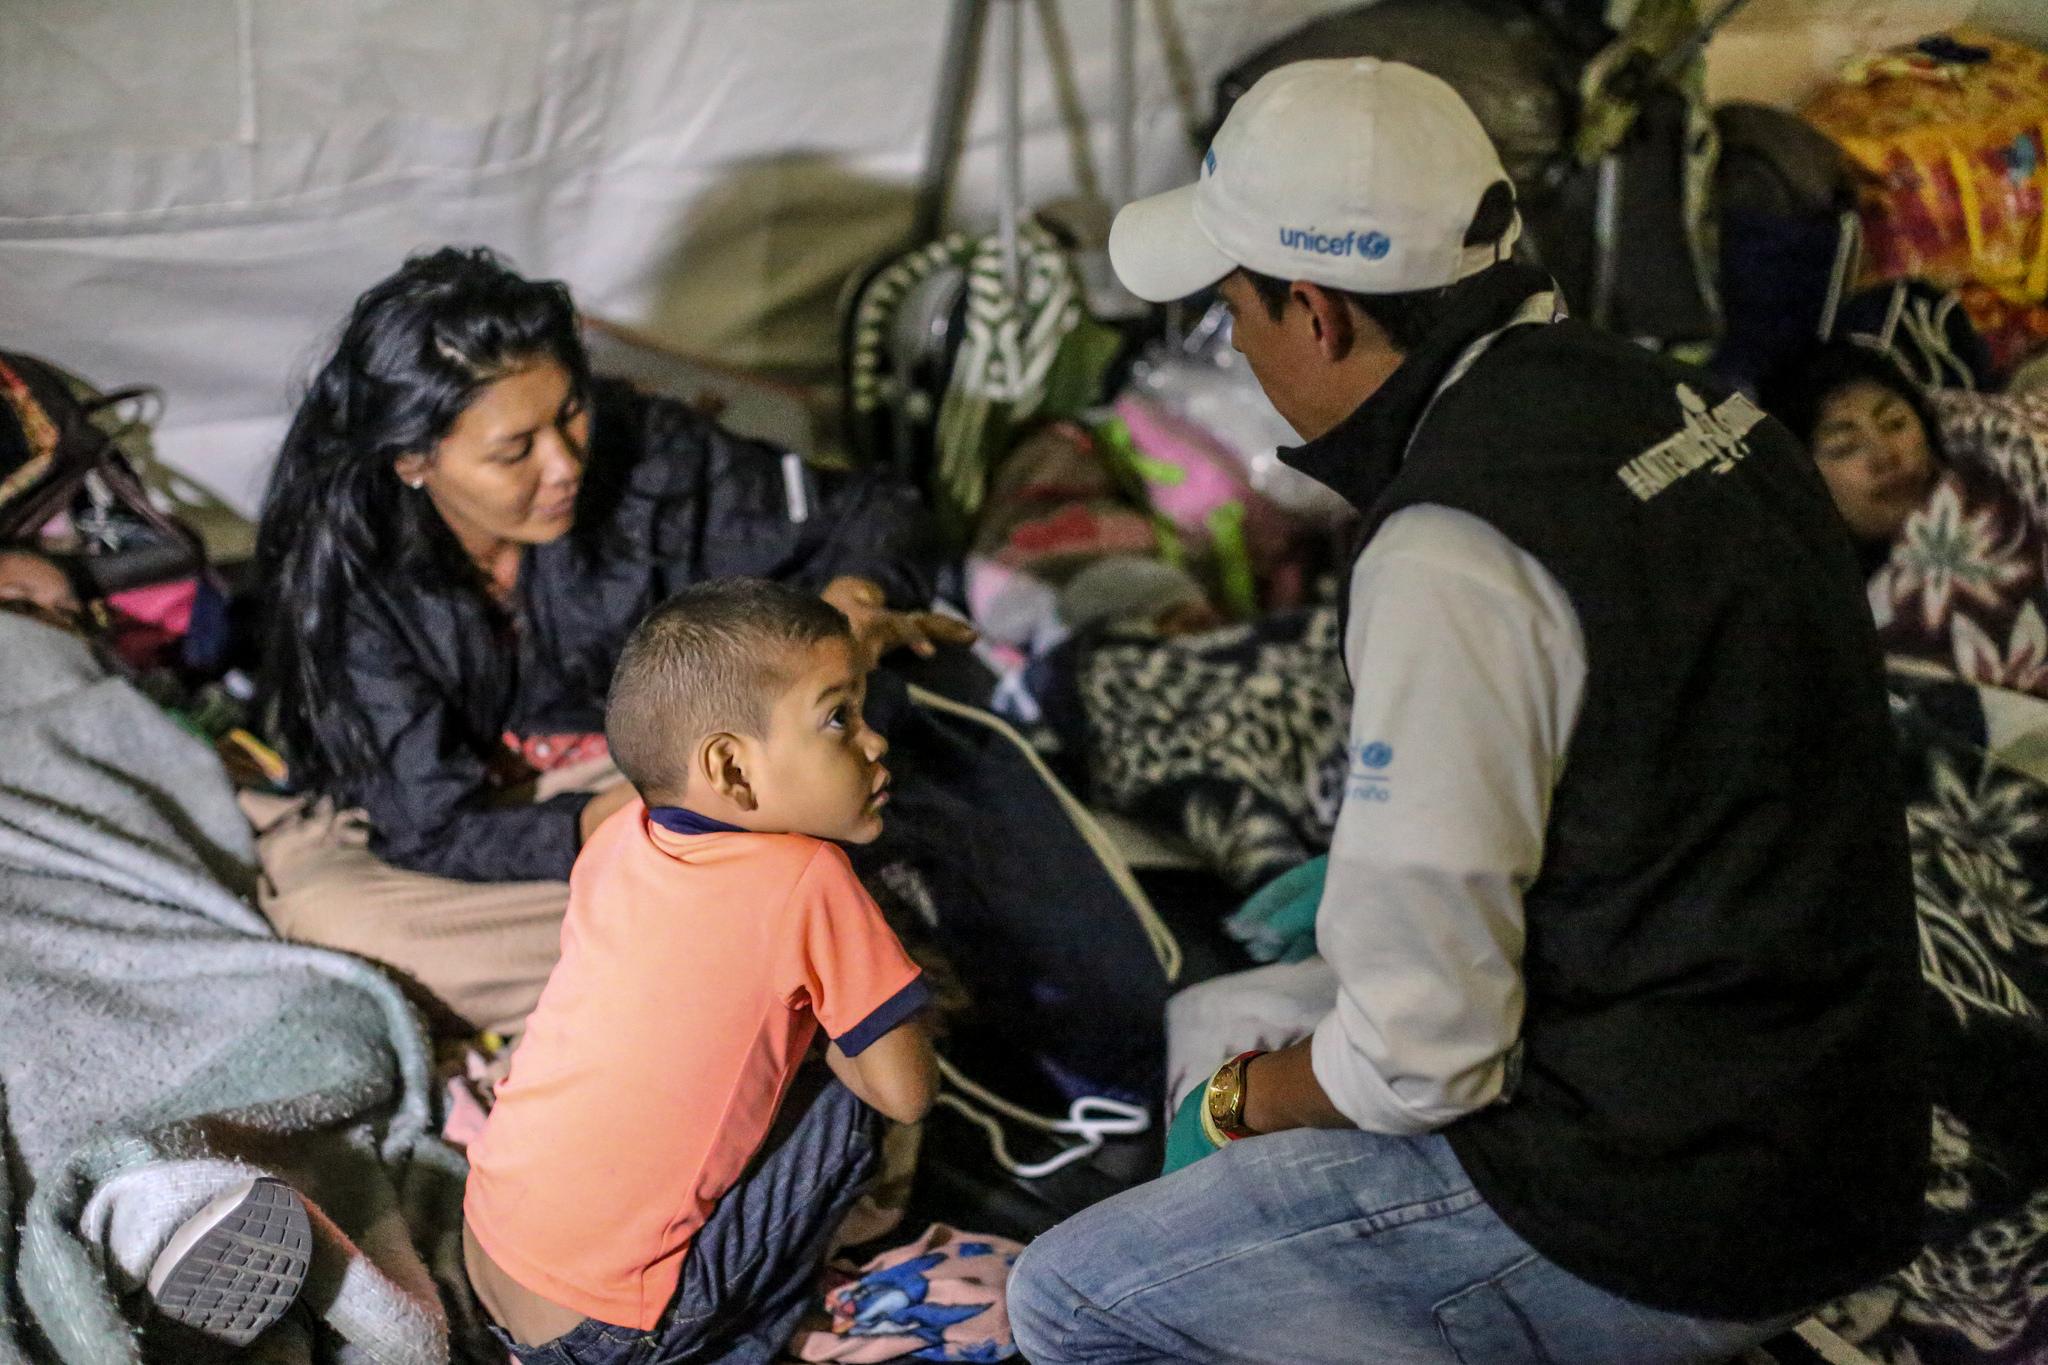 Da Corte de EU visto bueno a mayores restricciones para solicitudes de asilo